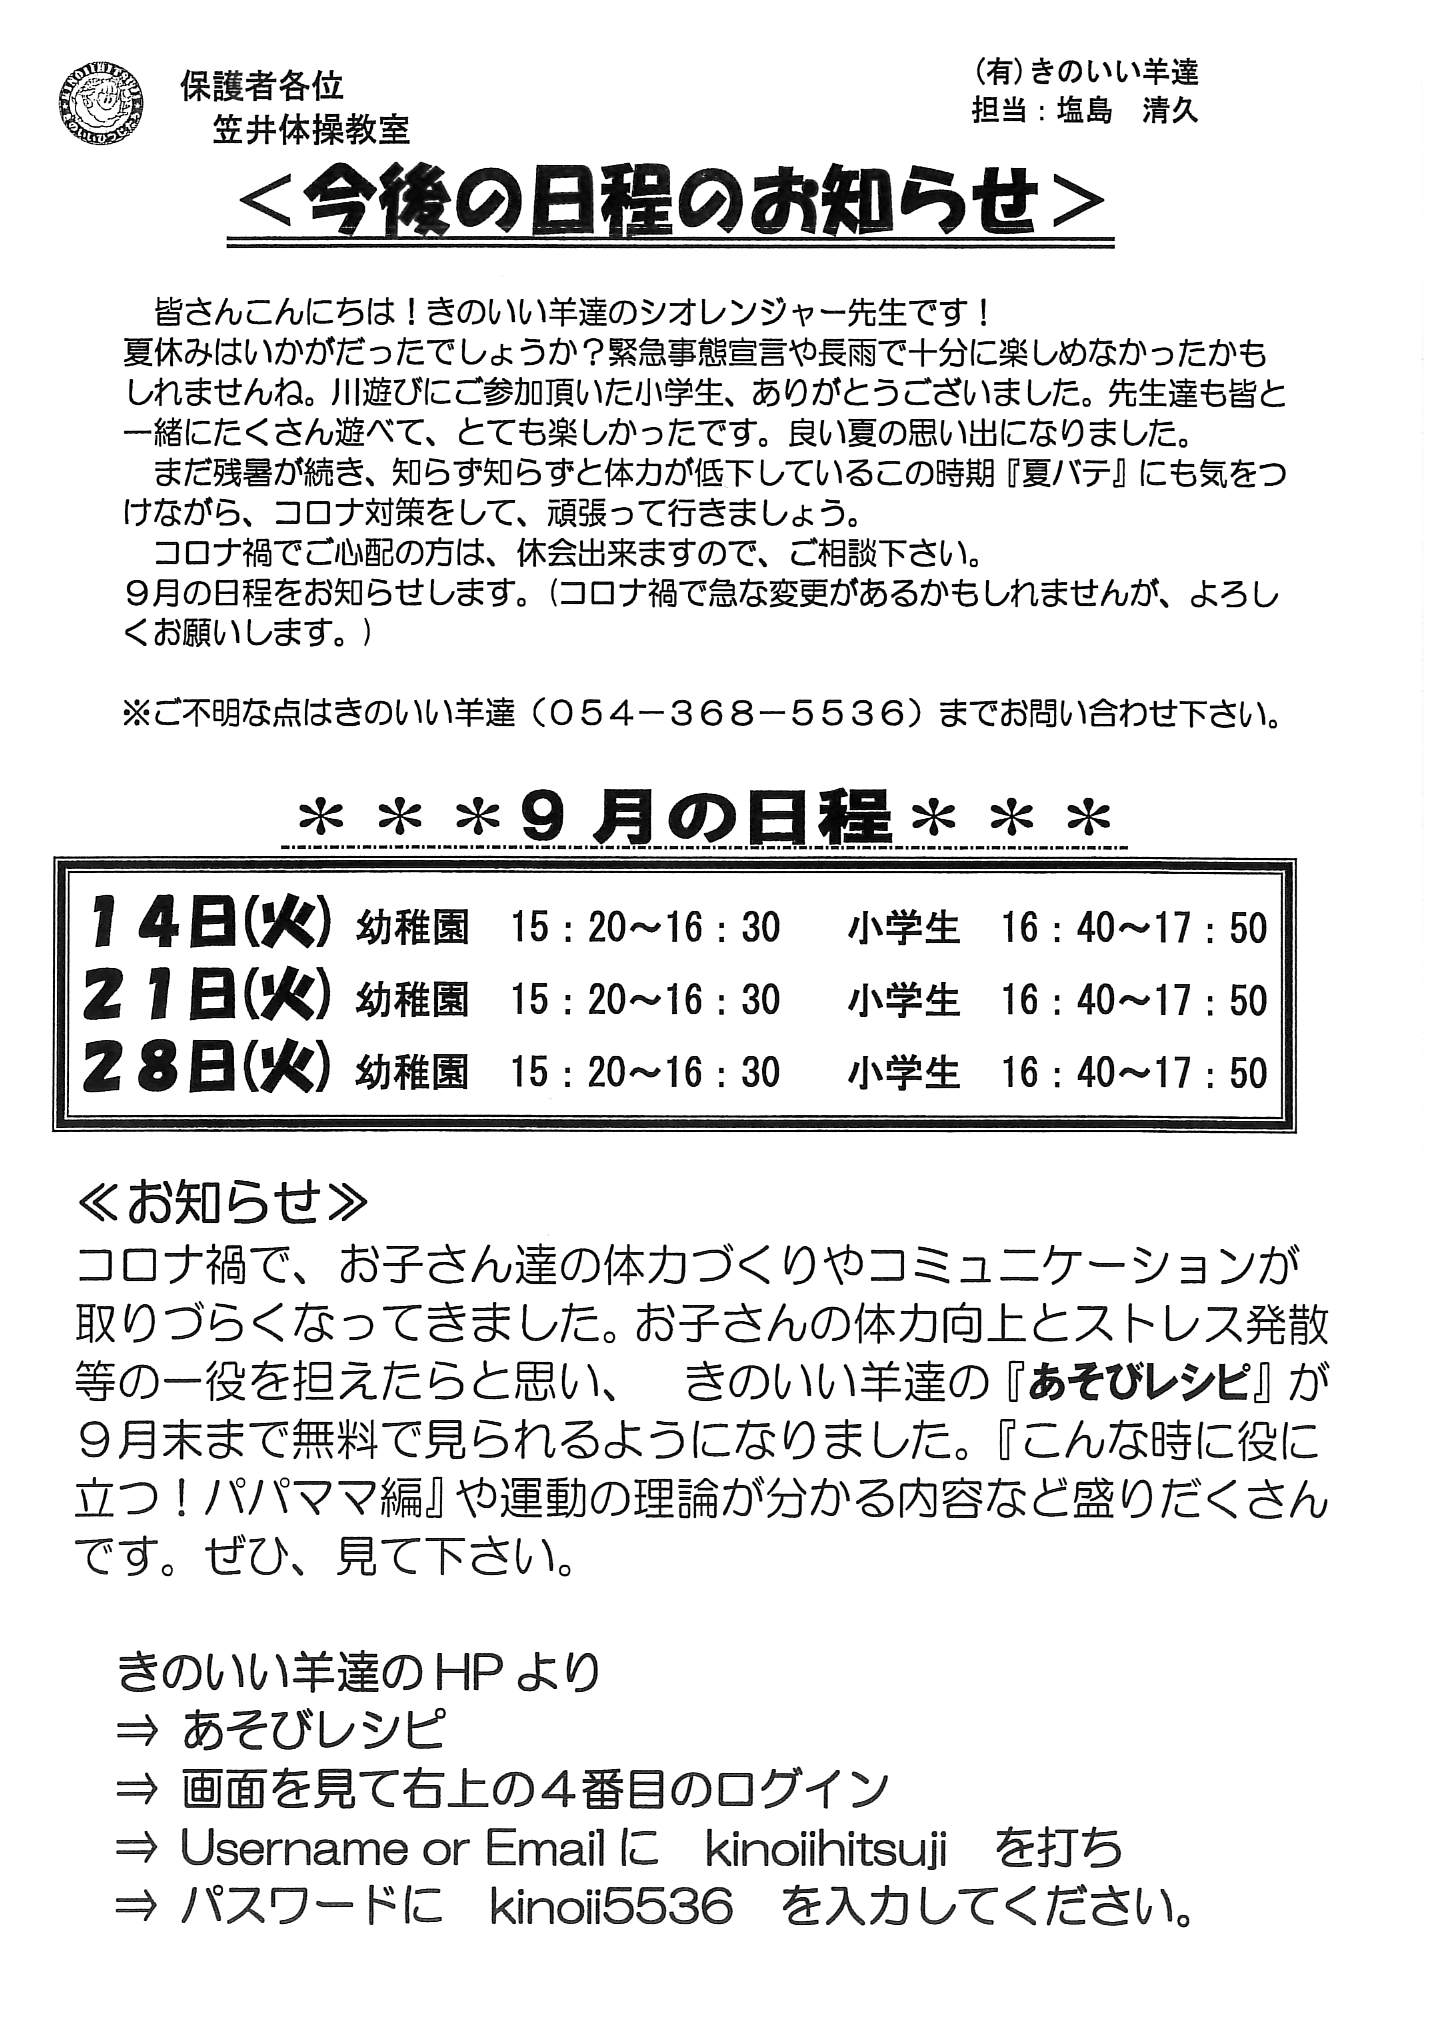 浜松 笠井教室